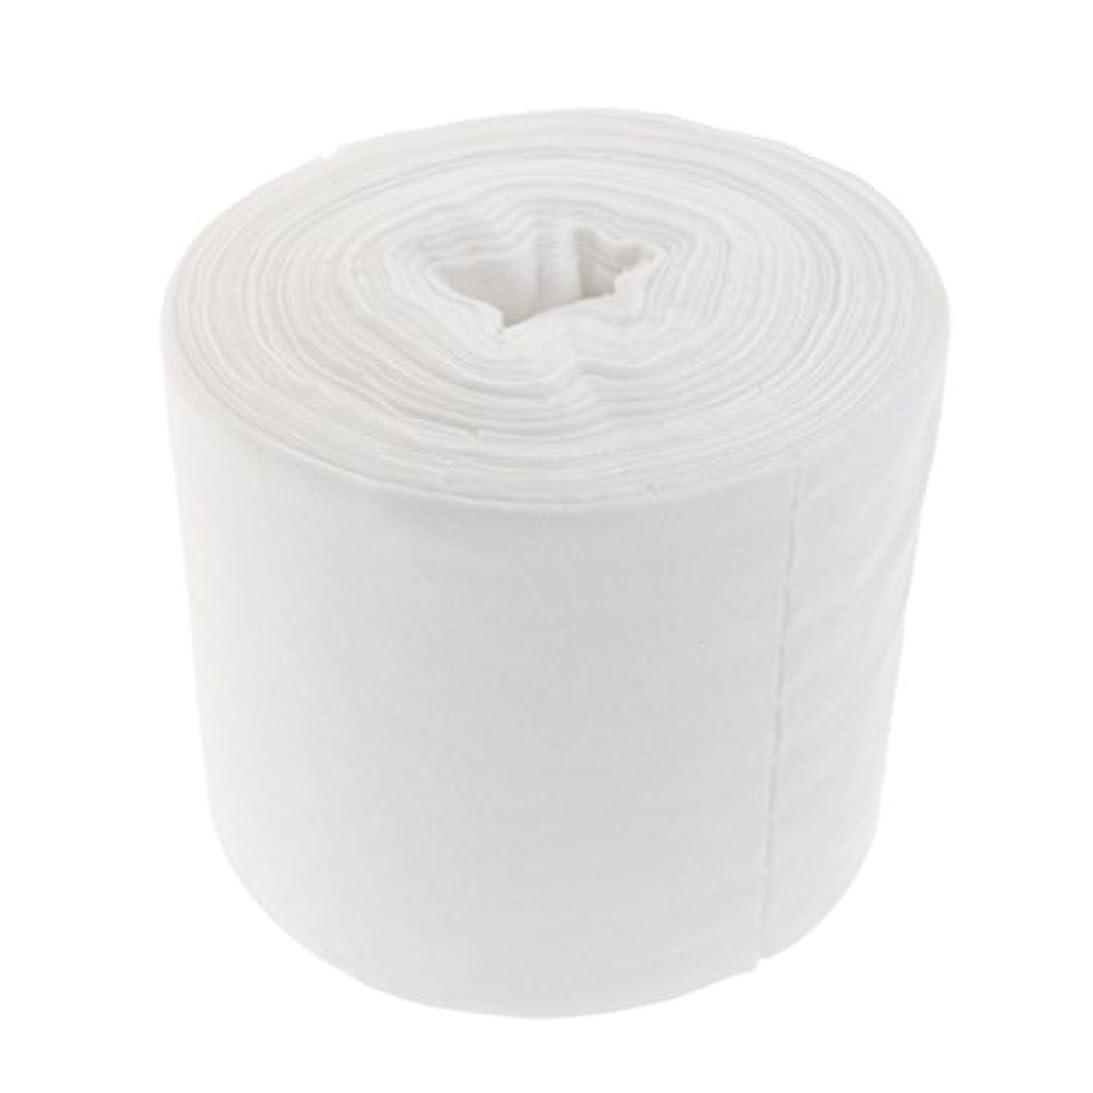 メタルラインマトン湿った洗顔 クリーニング 清潔 フェイシャルタオル 柔らかい スキンケア 30M